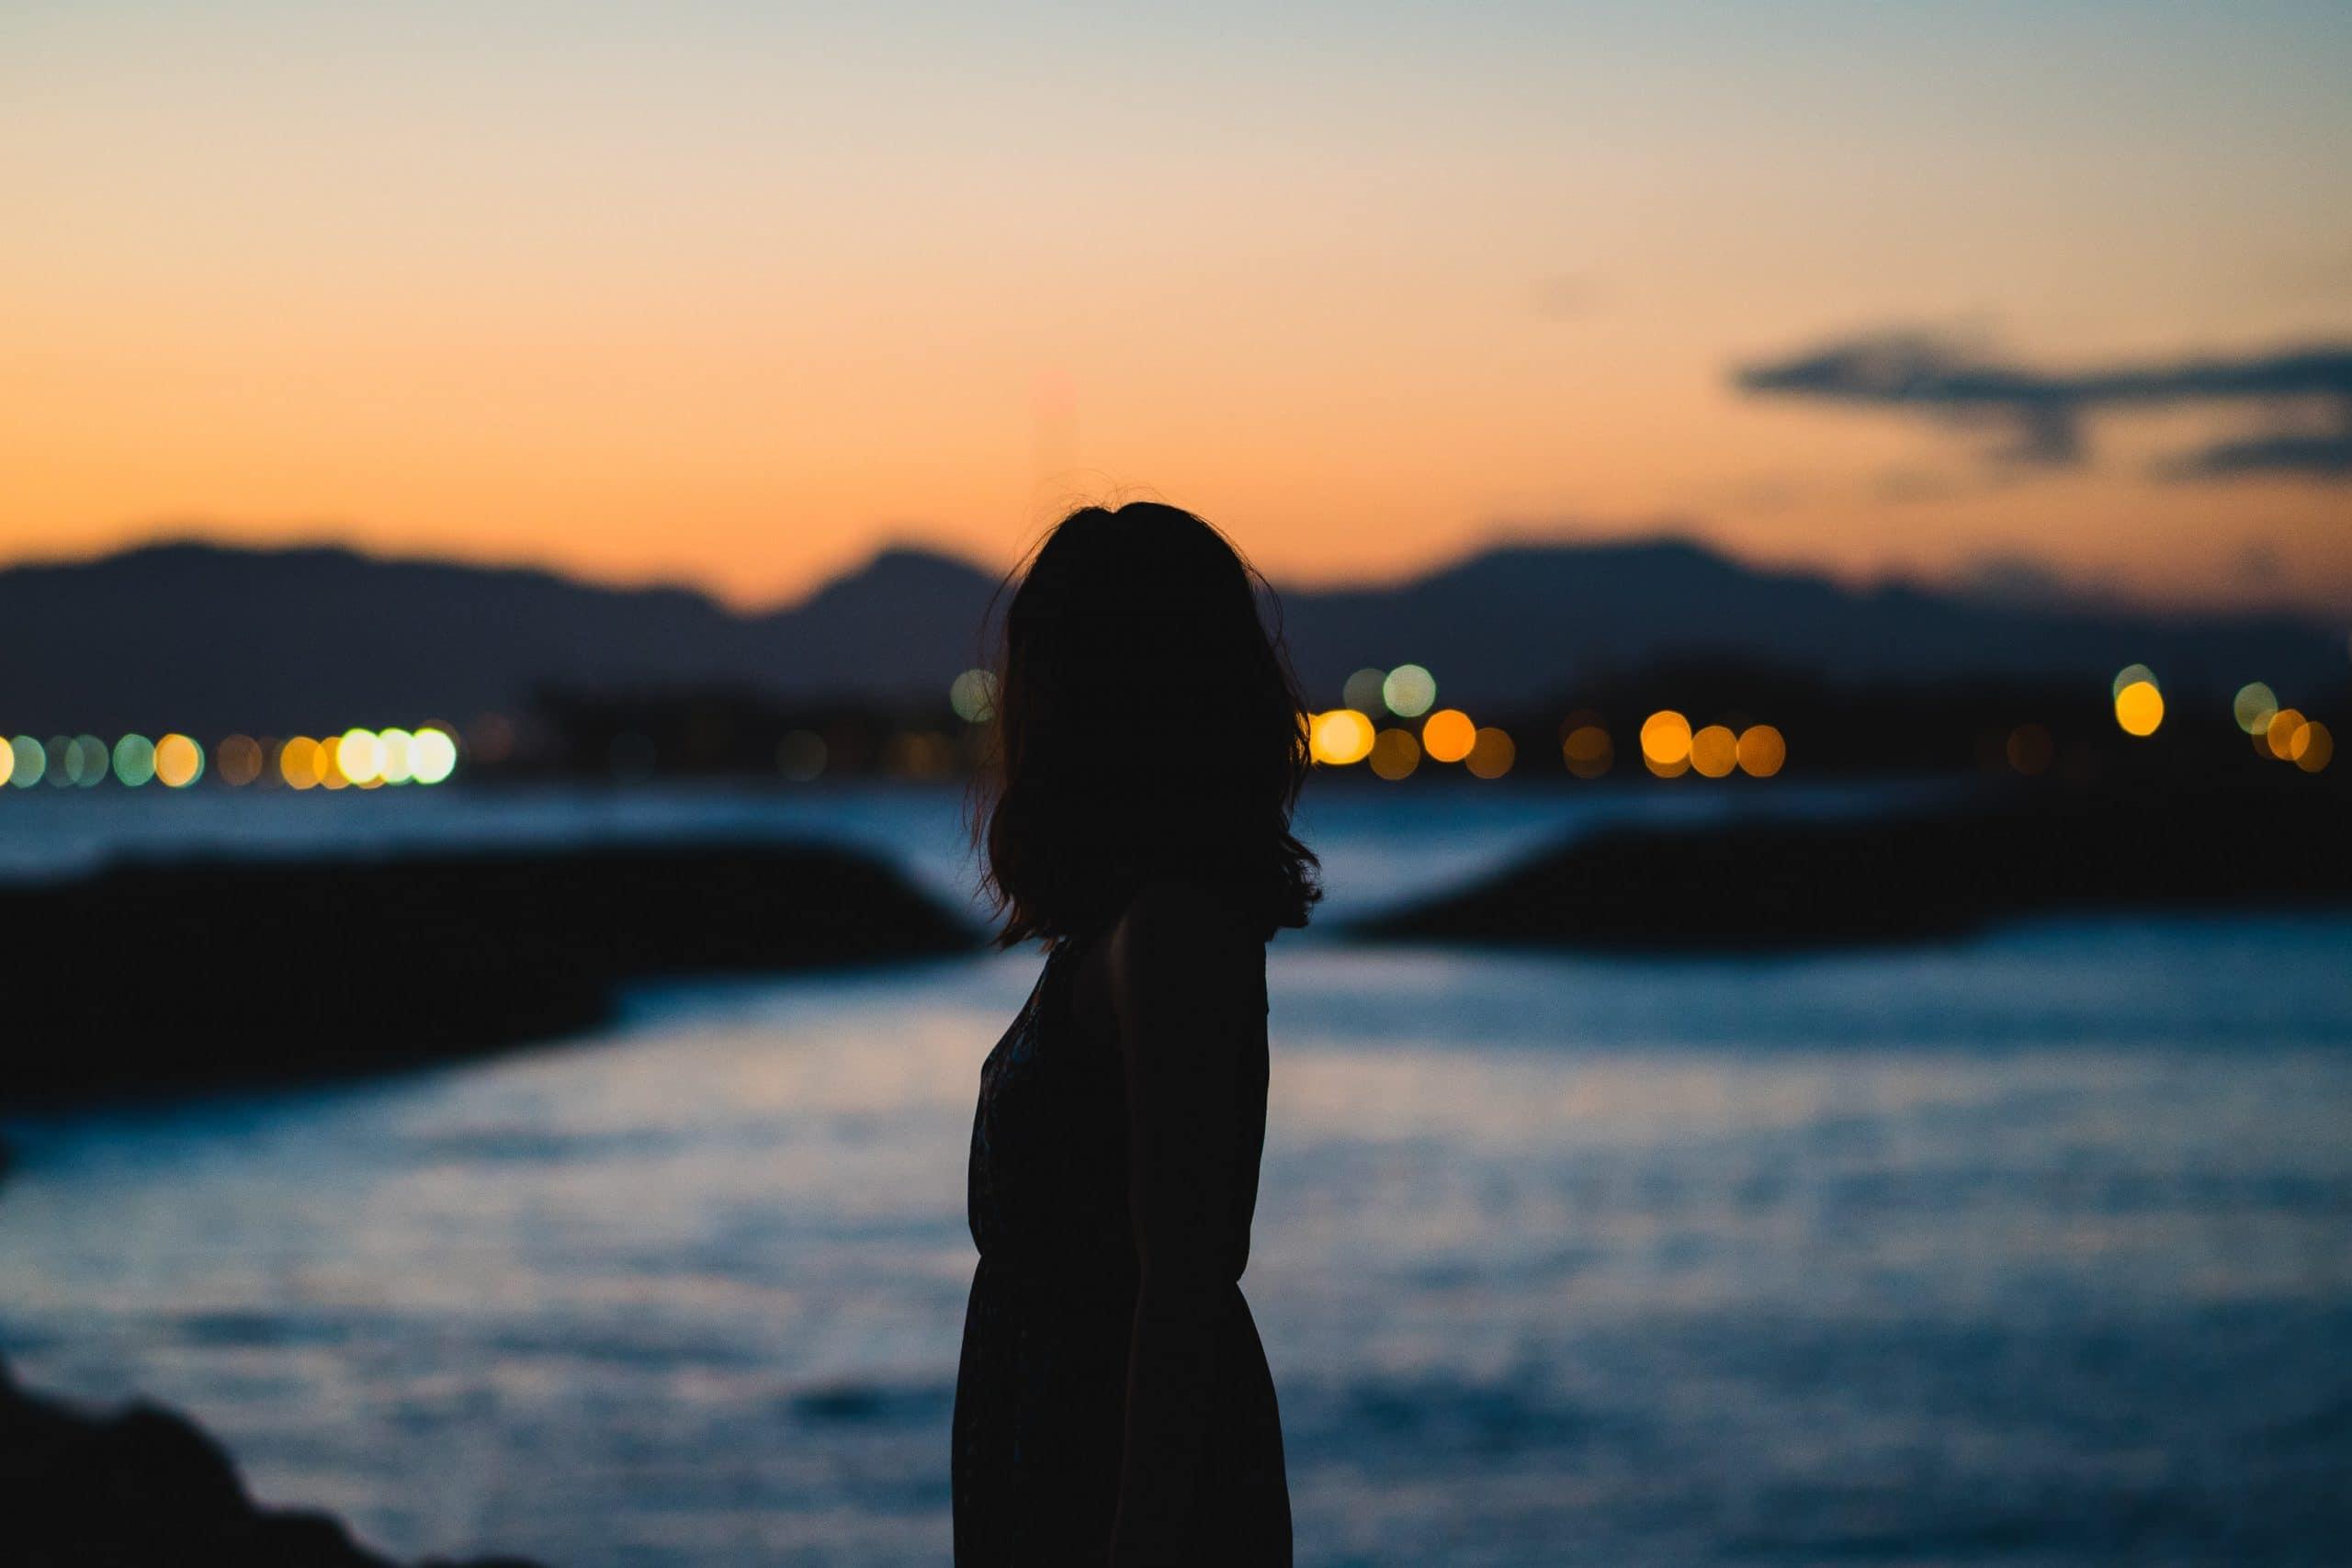 Mulher olhando para cidade no horizonte.